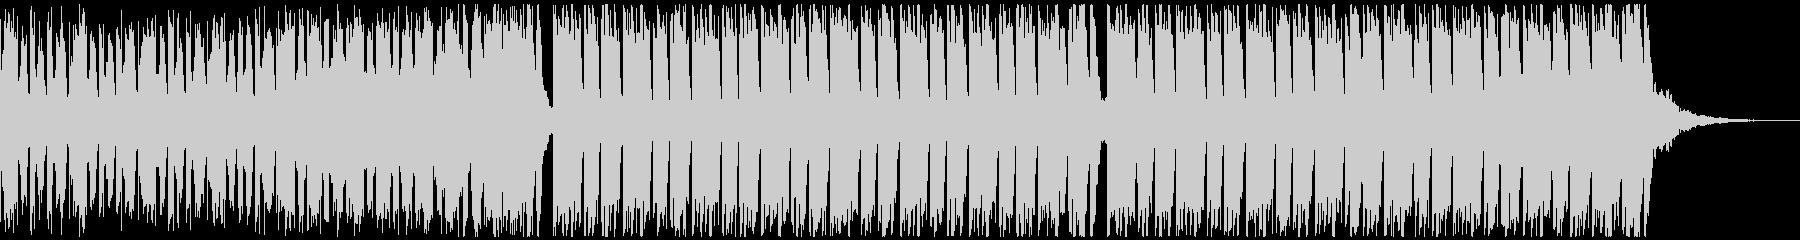 スポーツ音楽(60秒)の未再生の波形